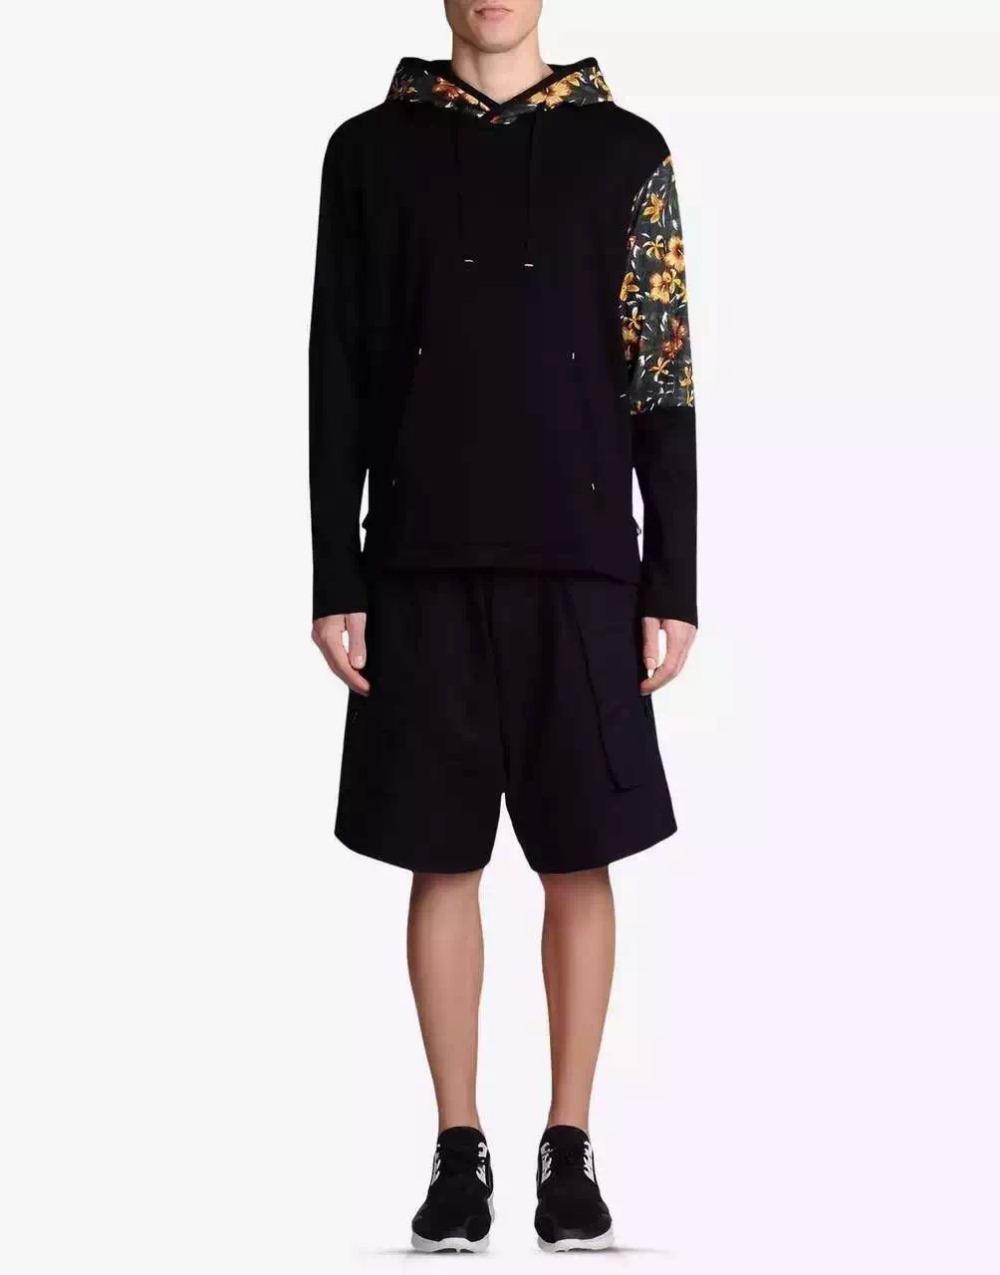 Y3 Men's Hoodie Flower printed Hooded long sleeve Brand men 100% cotton Sweatershirt Hoodies Outwear black M-XXXL(China (Mainland))